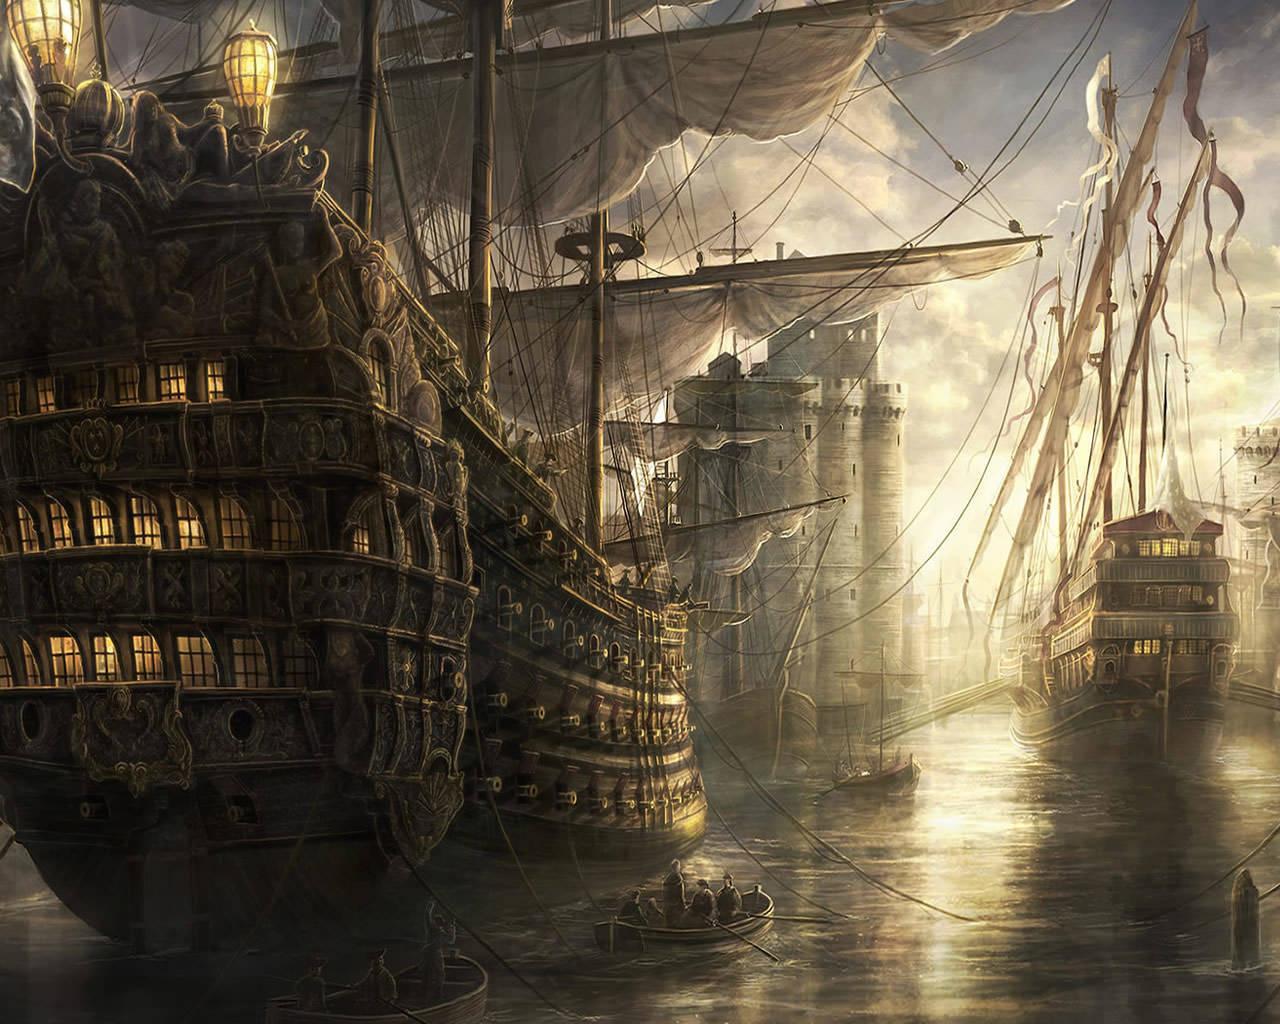 tall ships 1280x1024